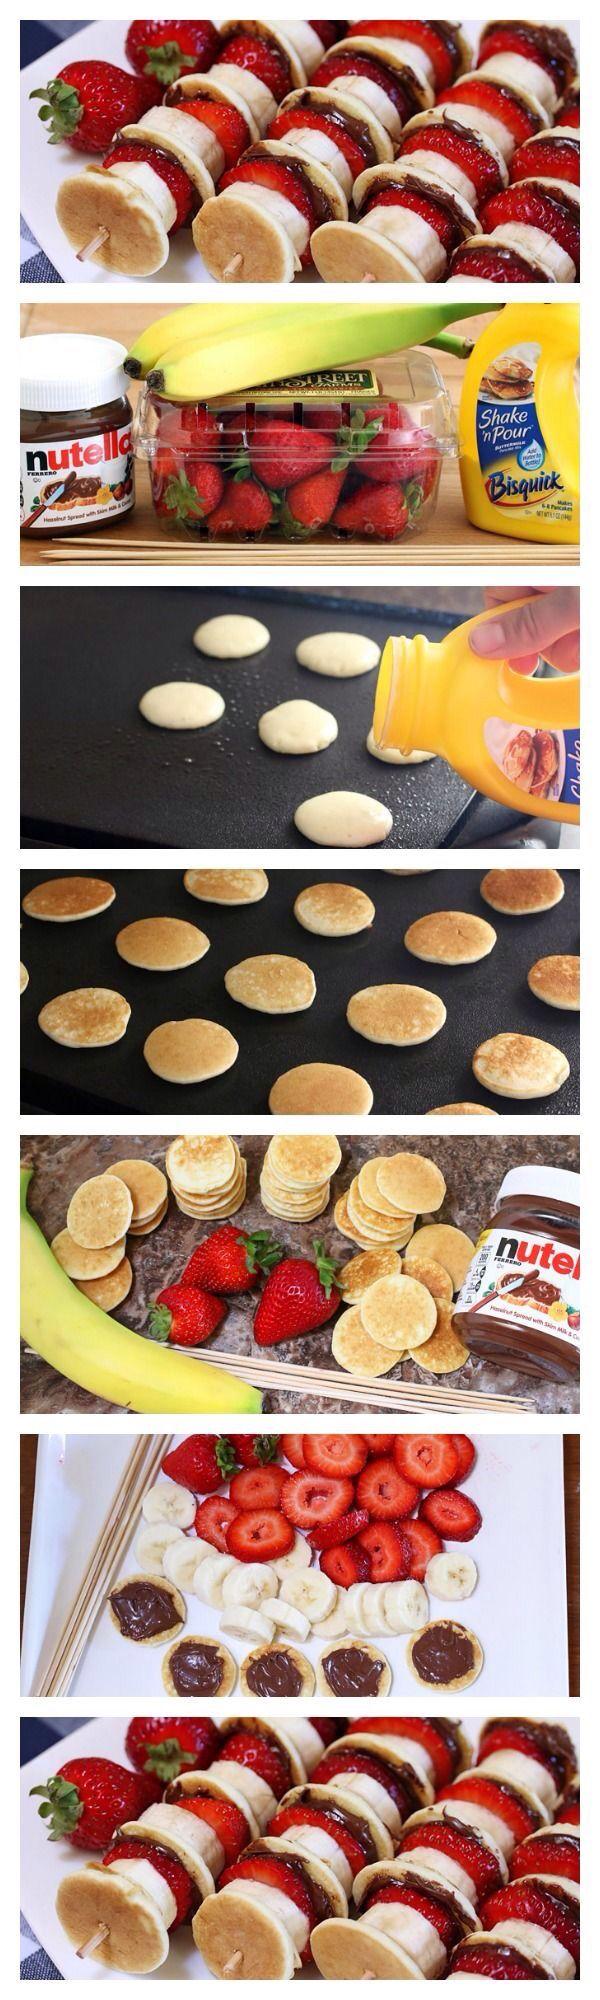 Brochetas de pancakes y fruta